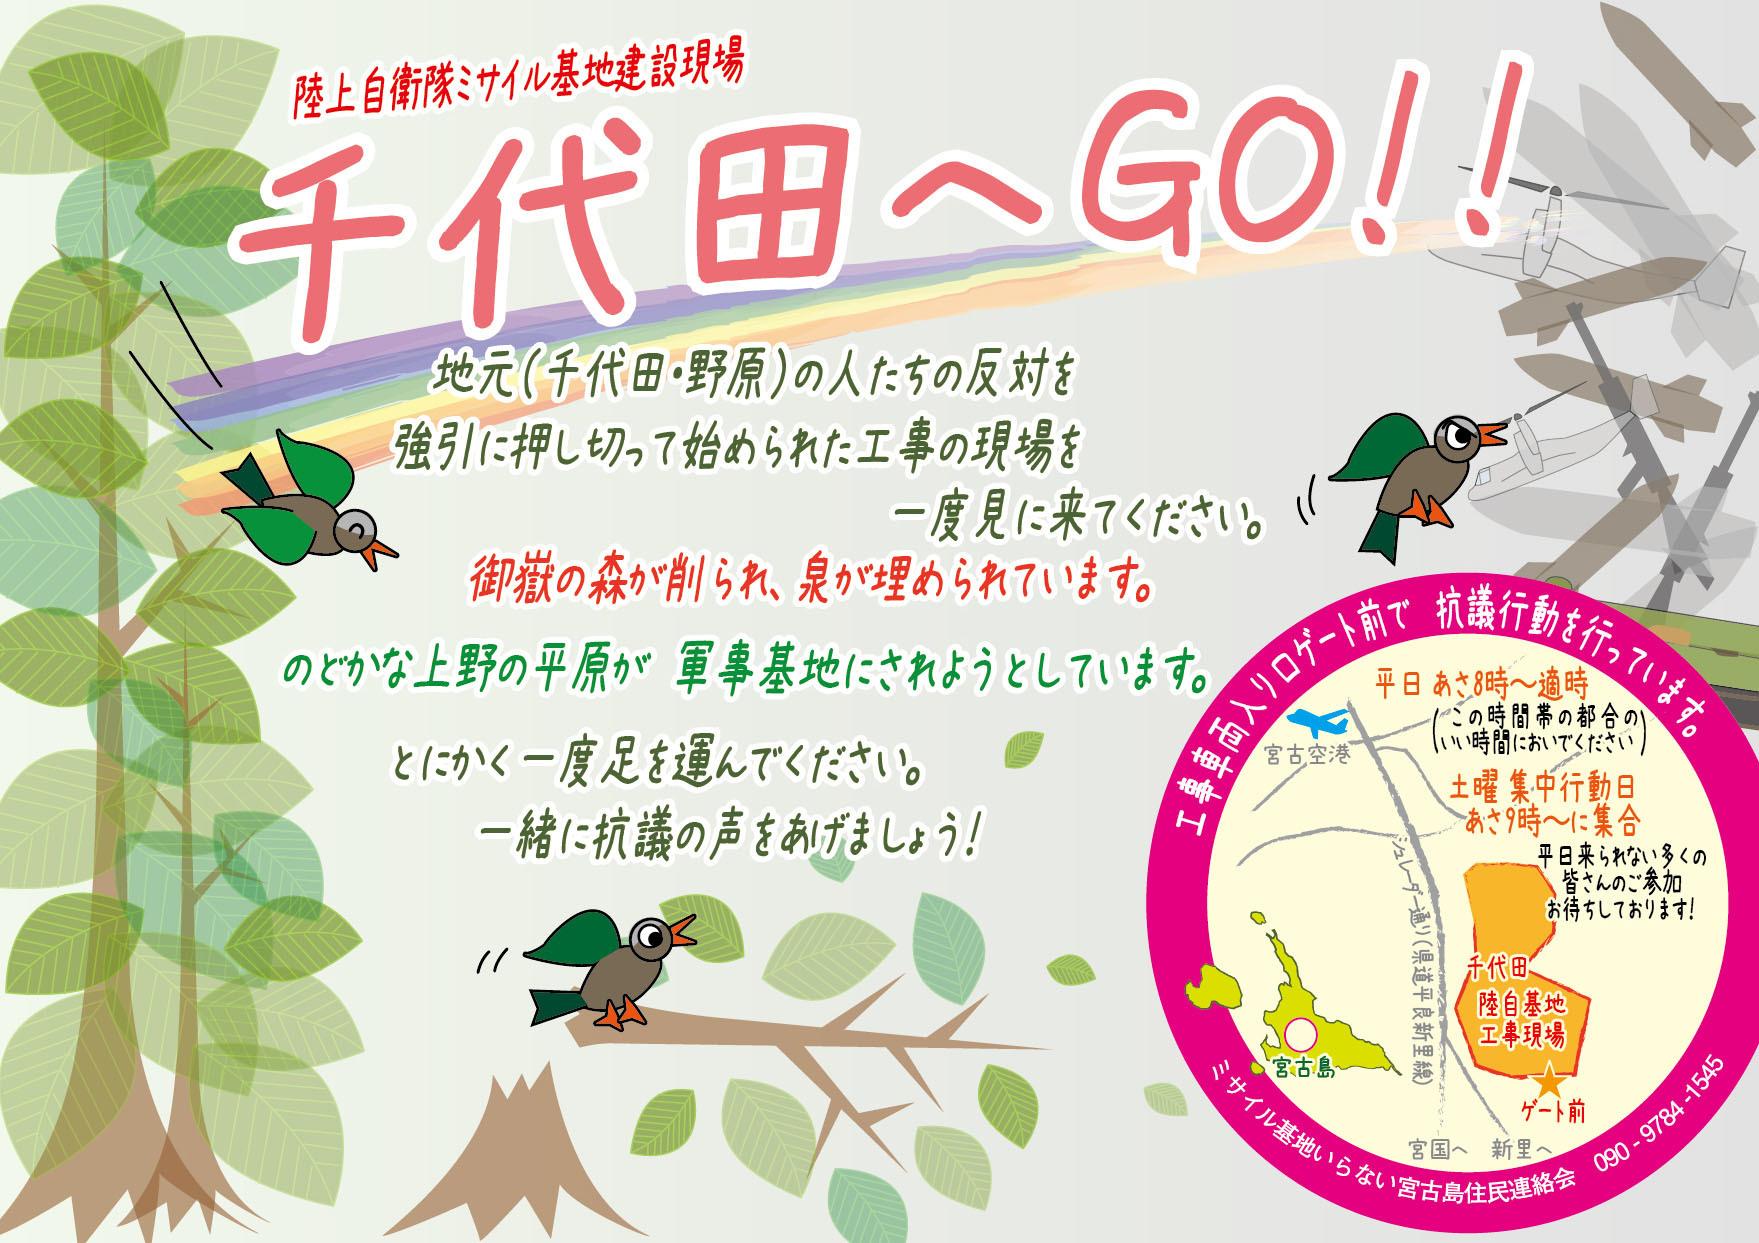 chiyodachireasi01.jpg